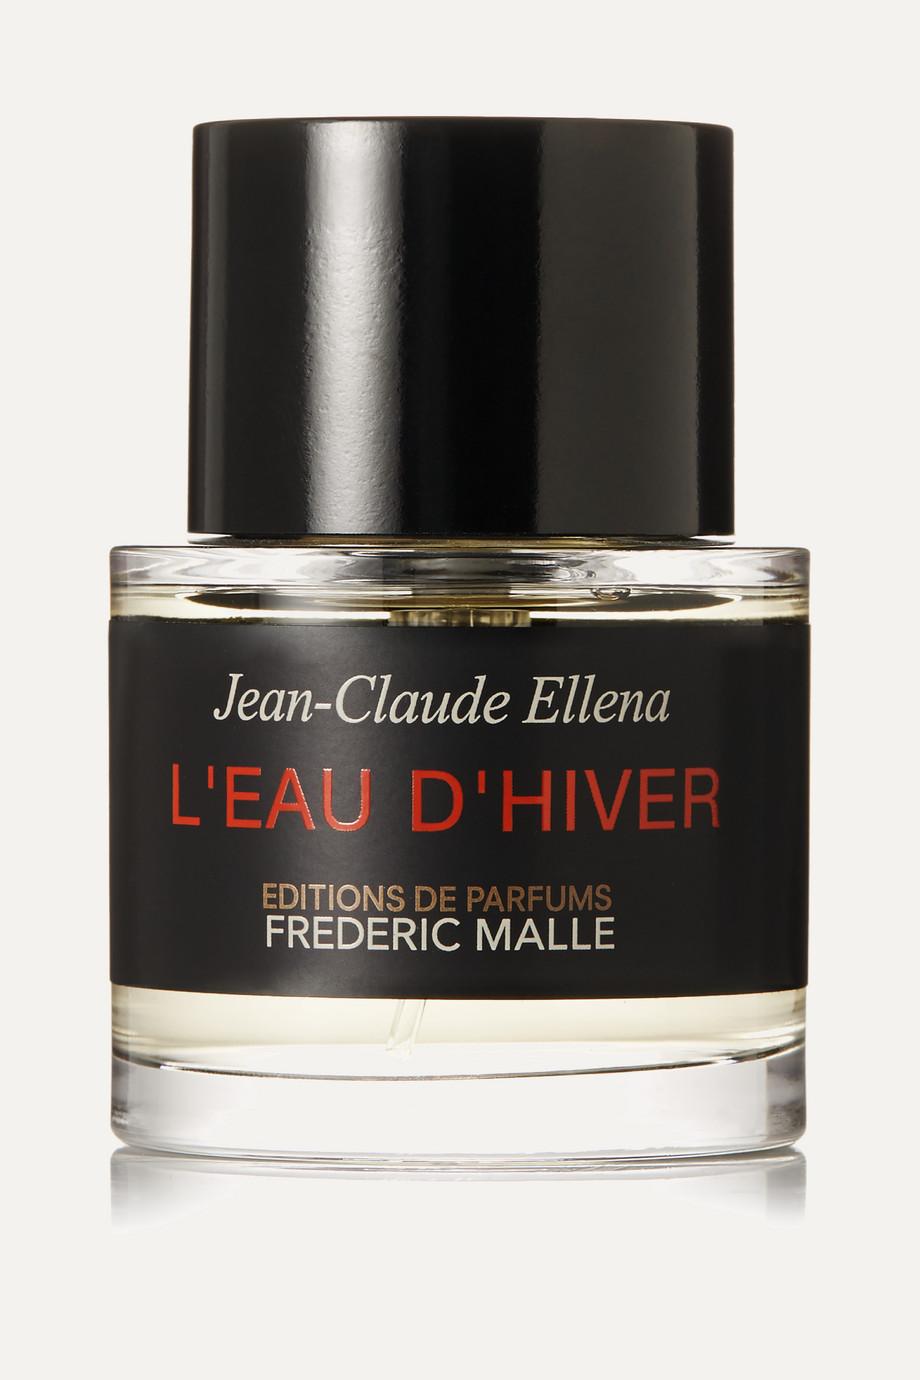 Frederic Malle L'eau d'Hiver Eau de Toilette - White Heliotrope & Iris, 50ml